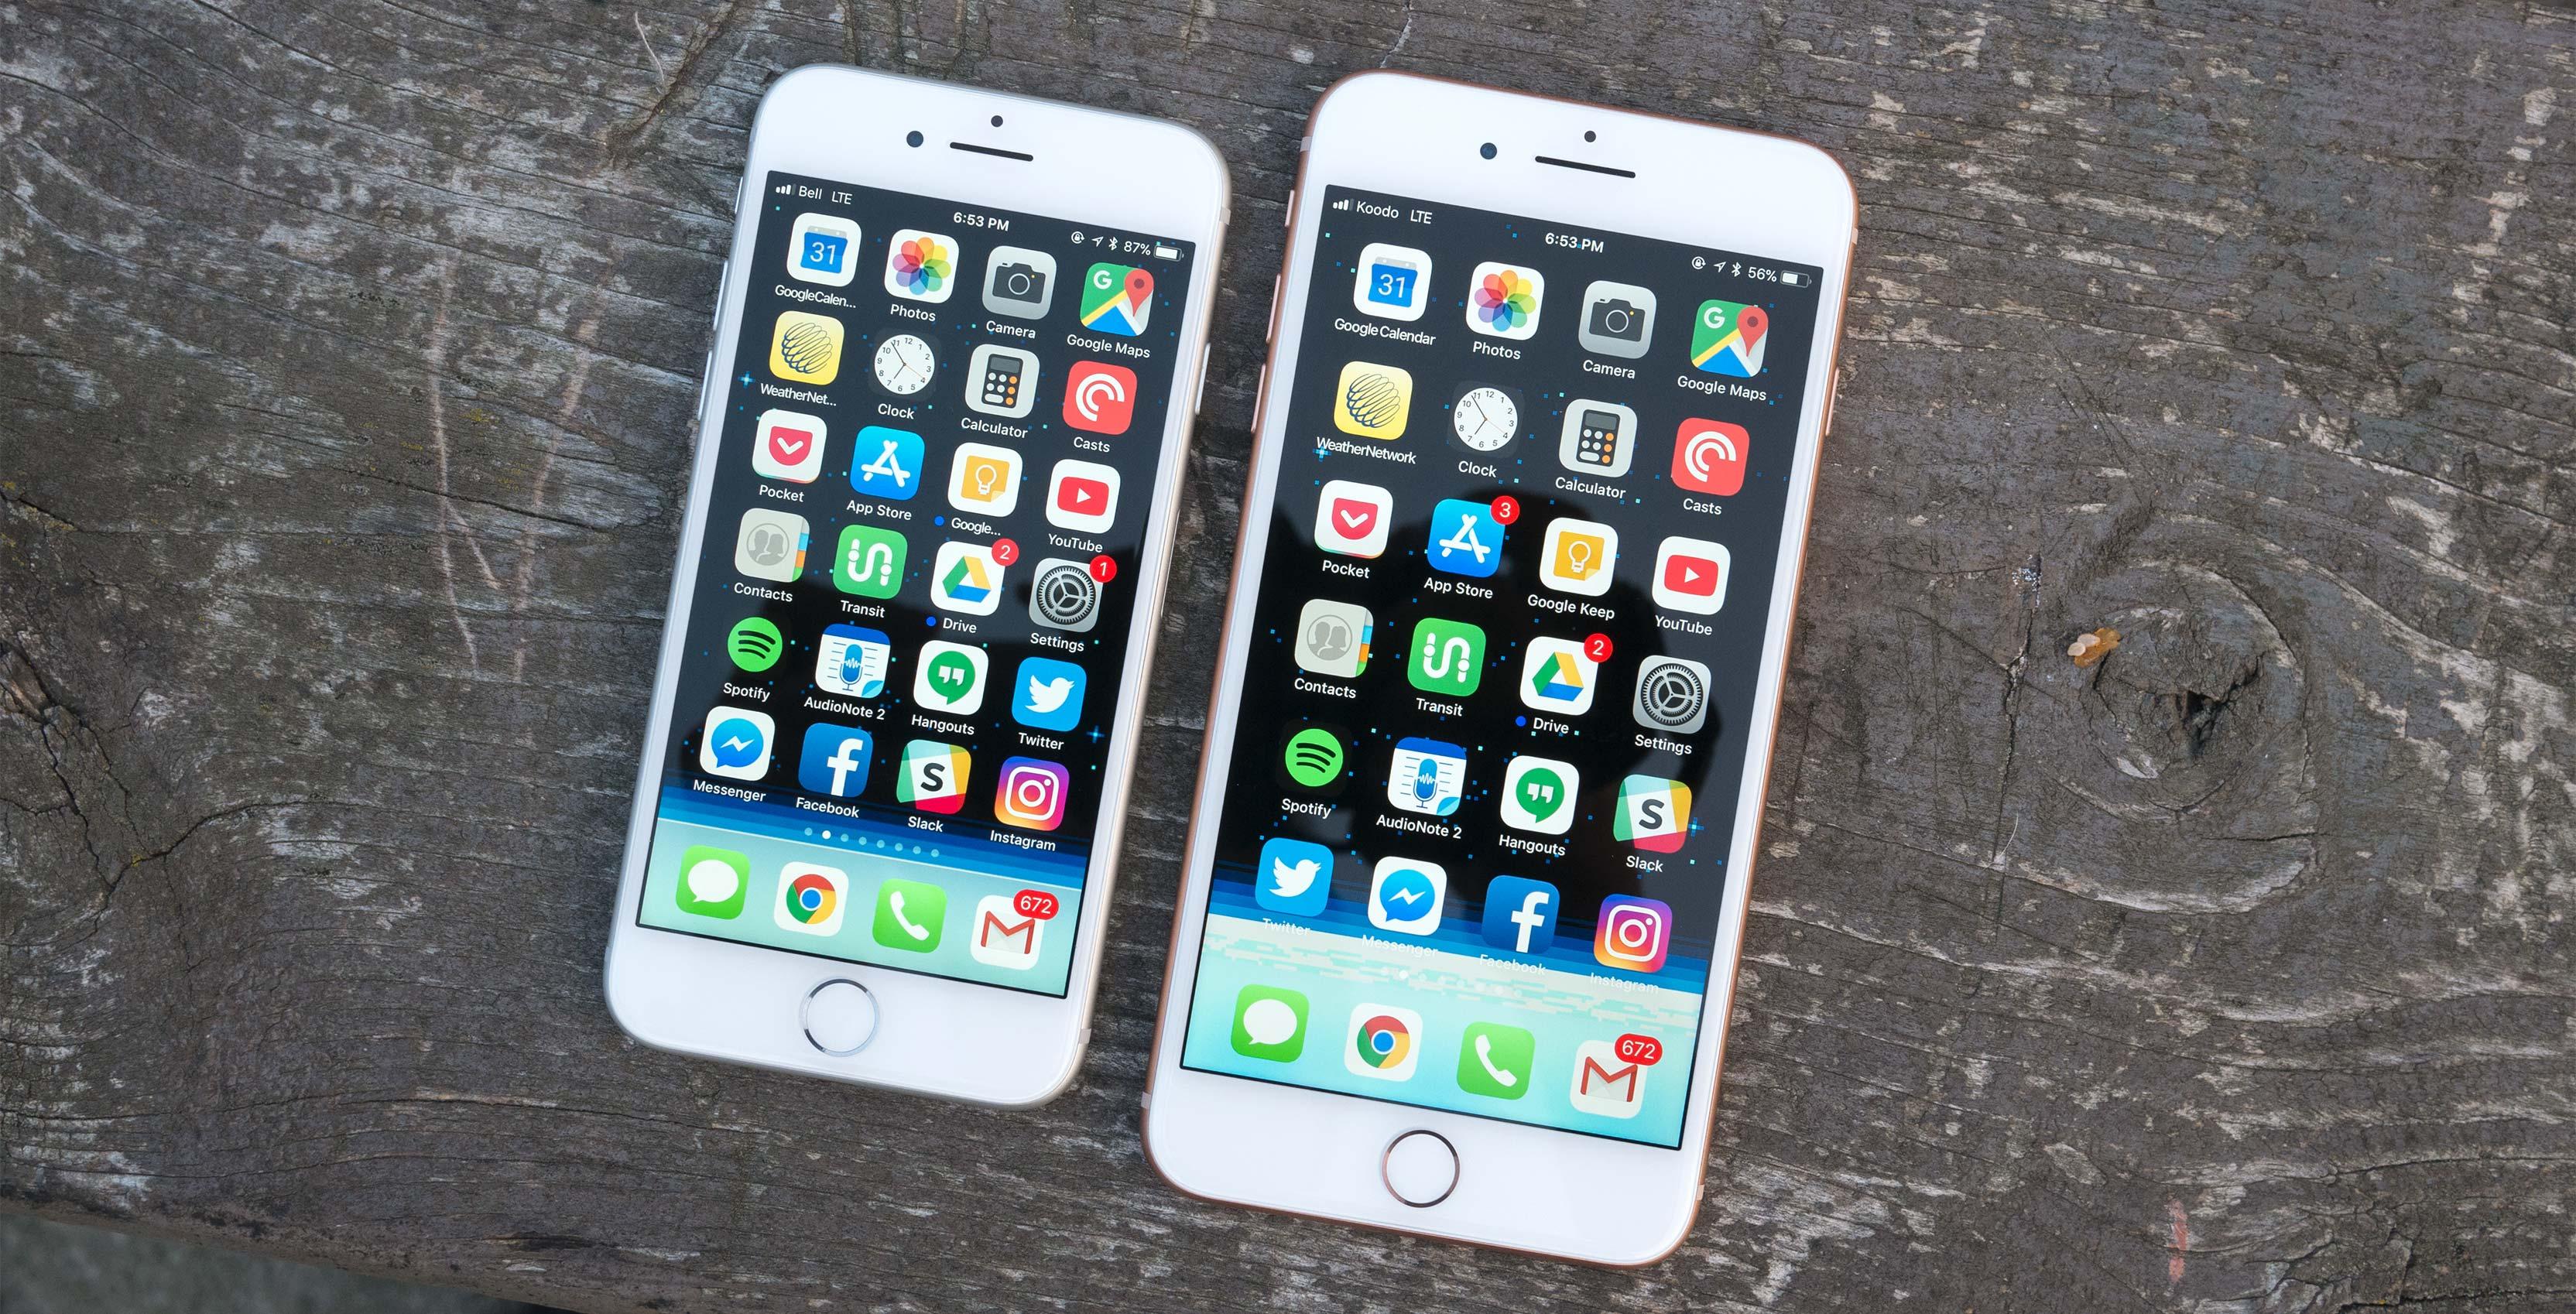 iphone-8-iphone-8-plus-2